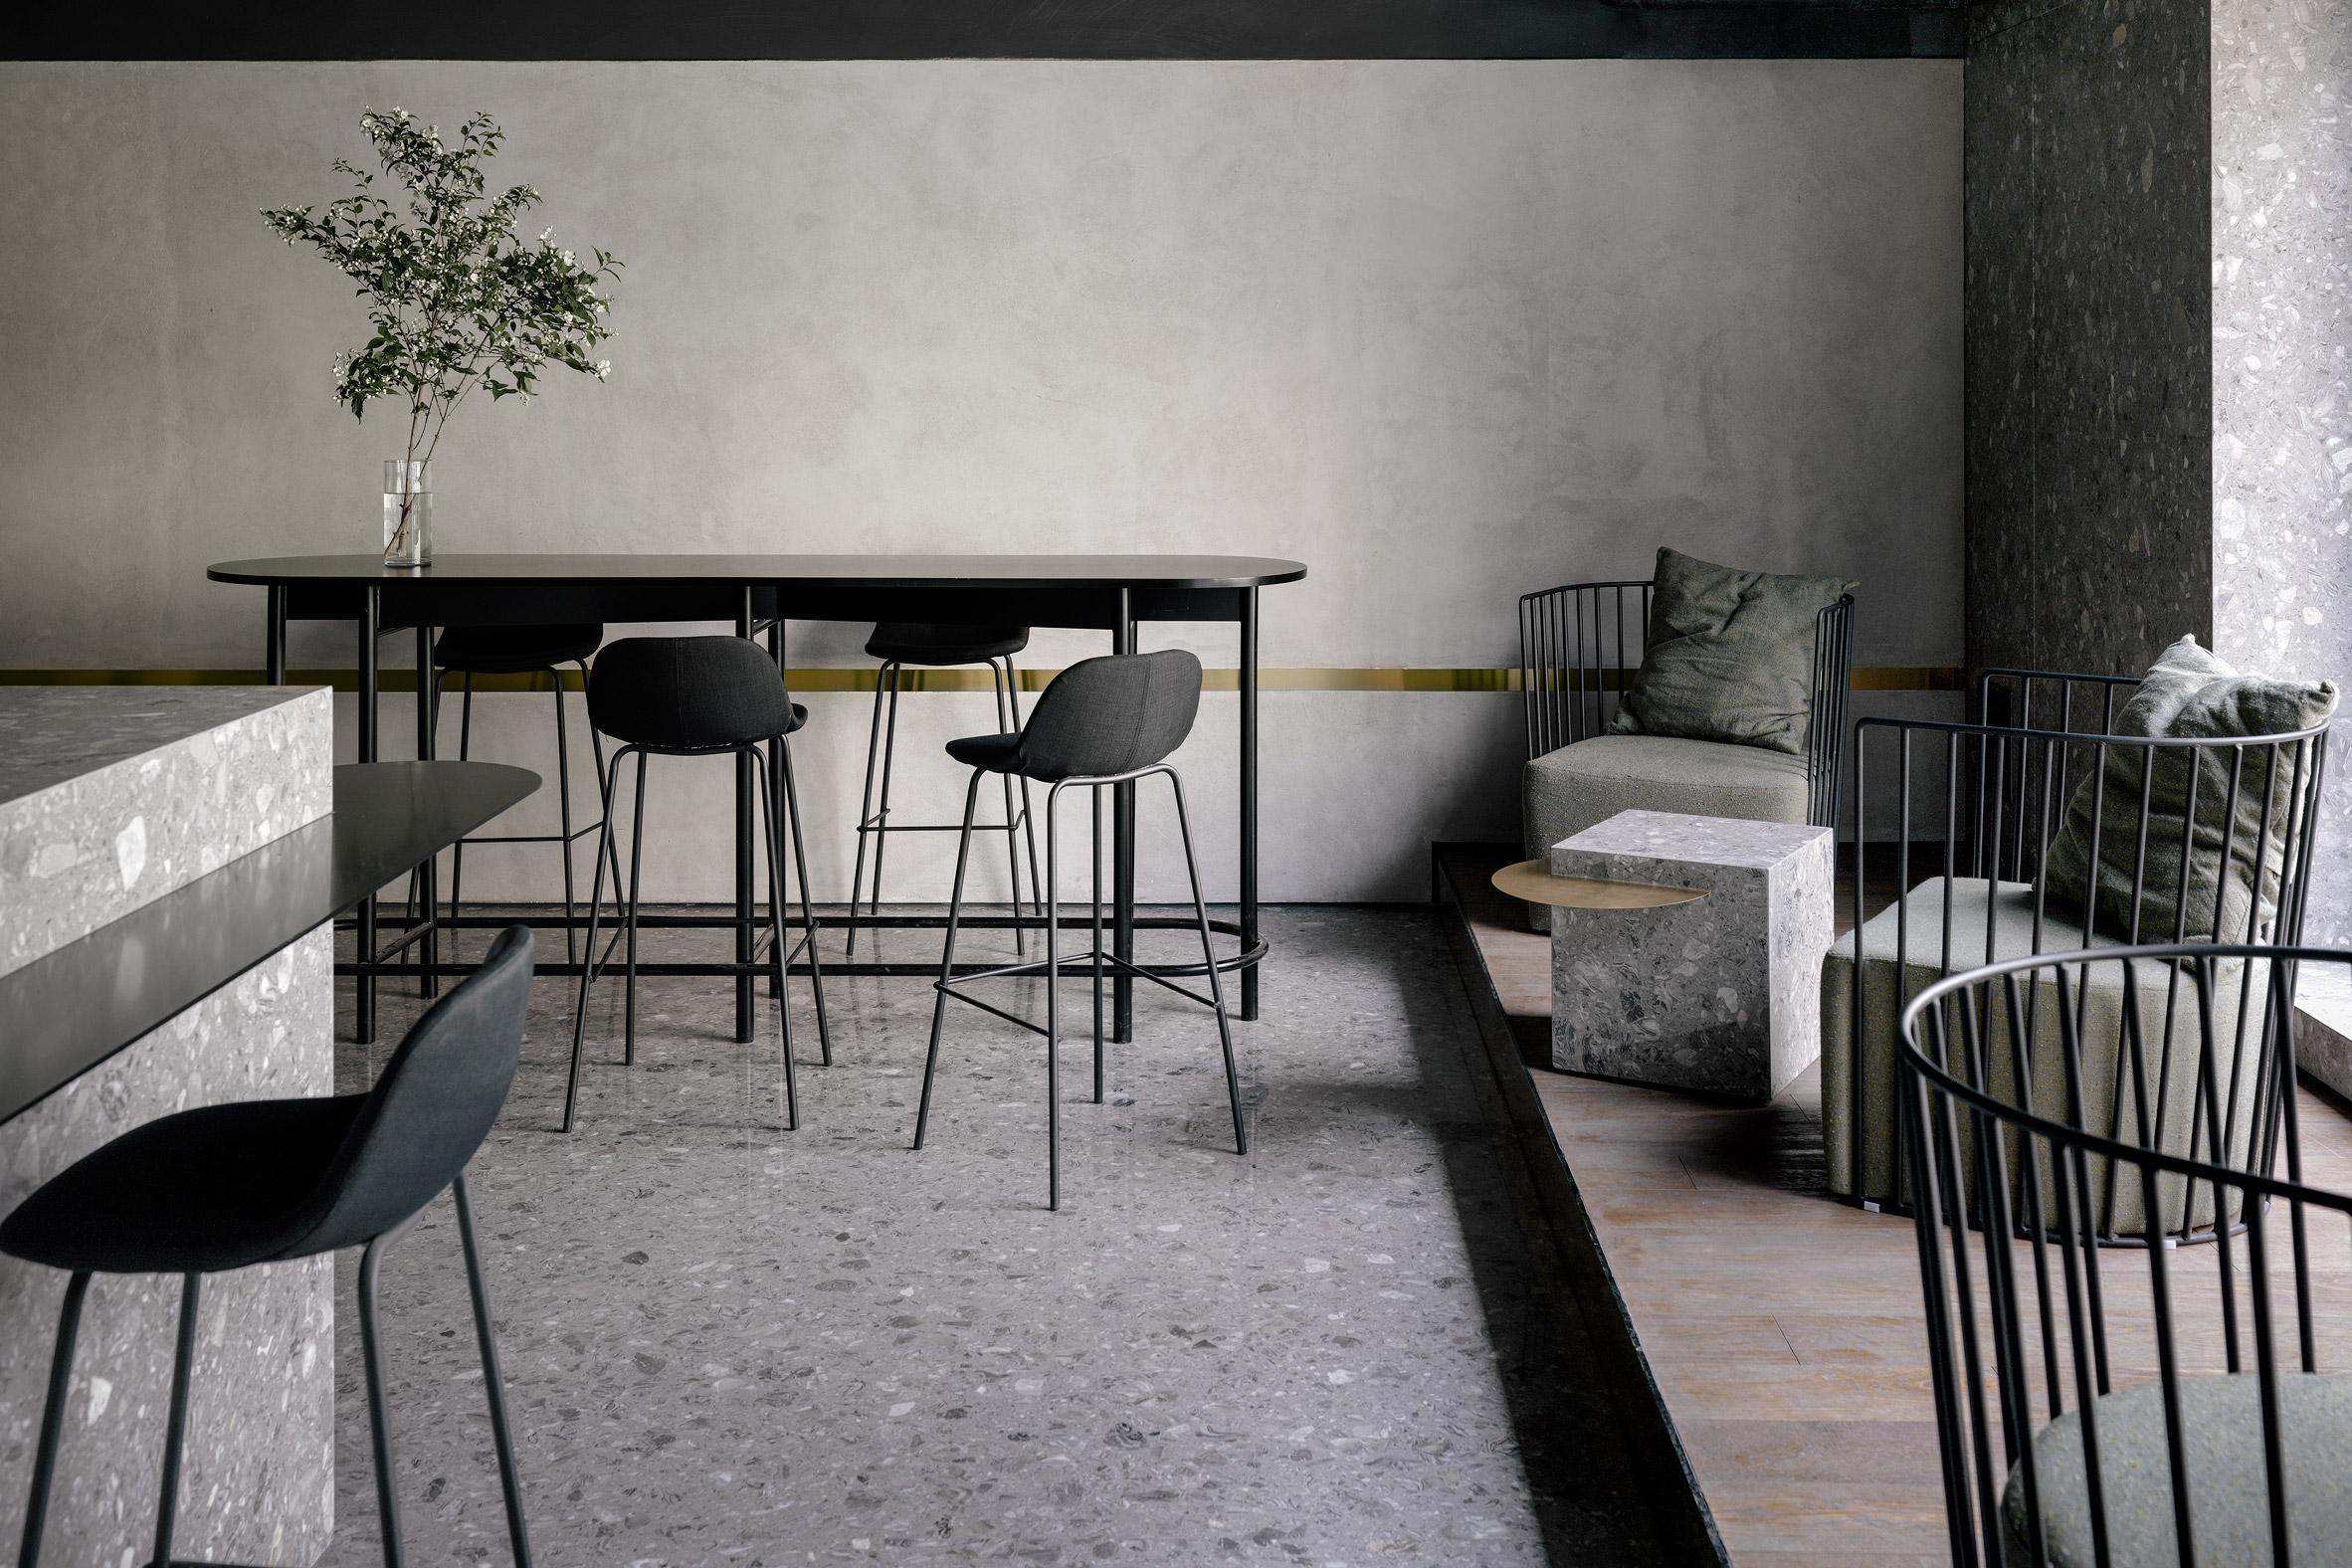 lievito-mddm-studio-interiors-restaurants-beijing-china_dezeen_2364_col_5